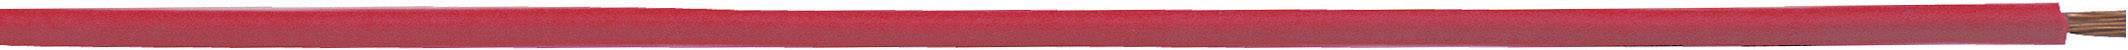 Opletenie / lanko LappKabel 4510091S H05V-K, 1 x 0.50 mm², vonkajší Ø 2.50 mm, 250 m, oranžová